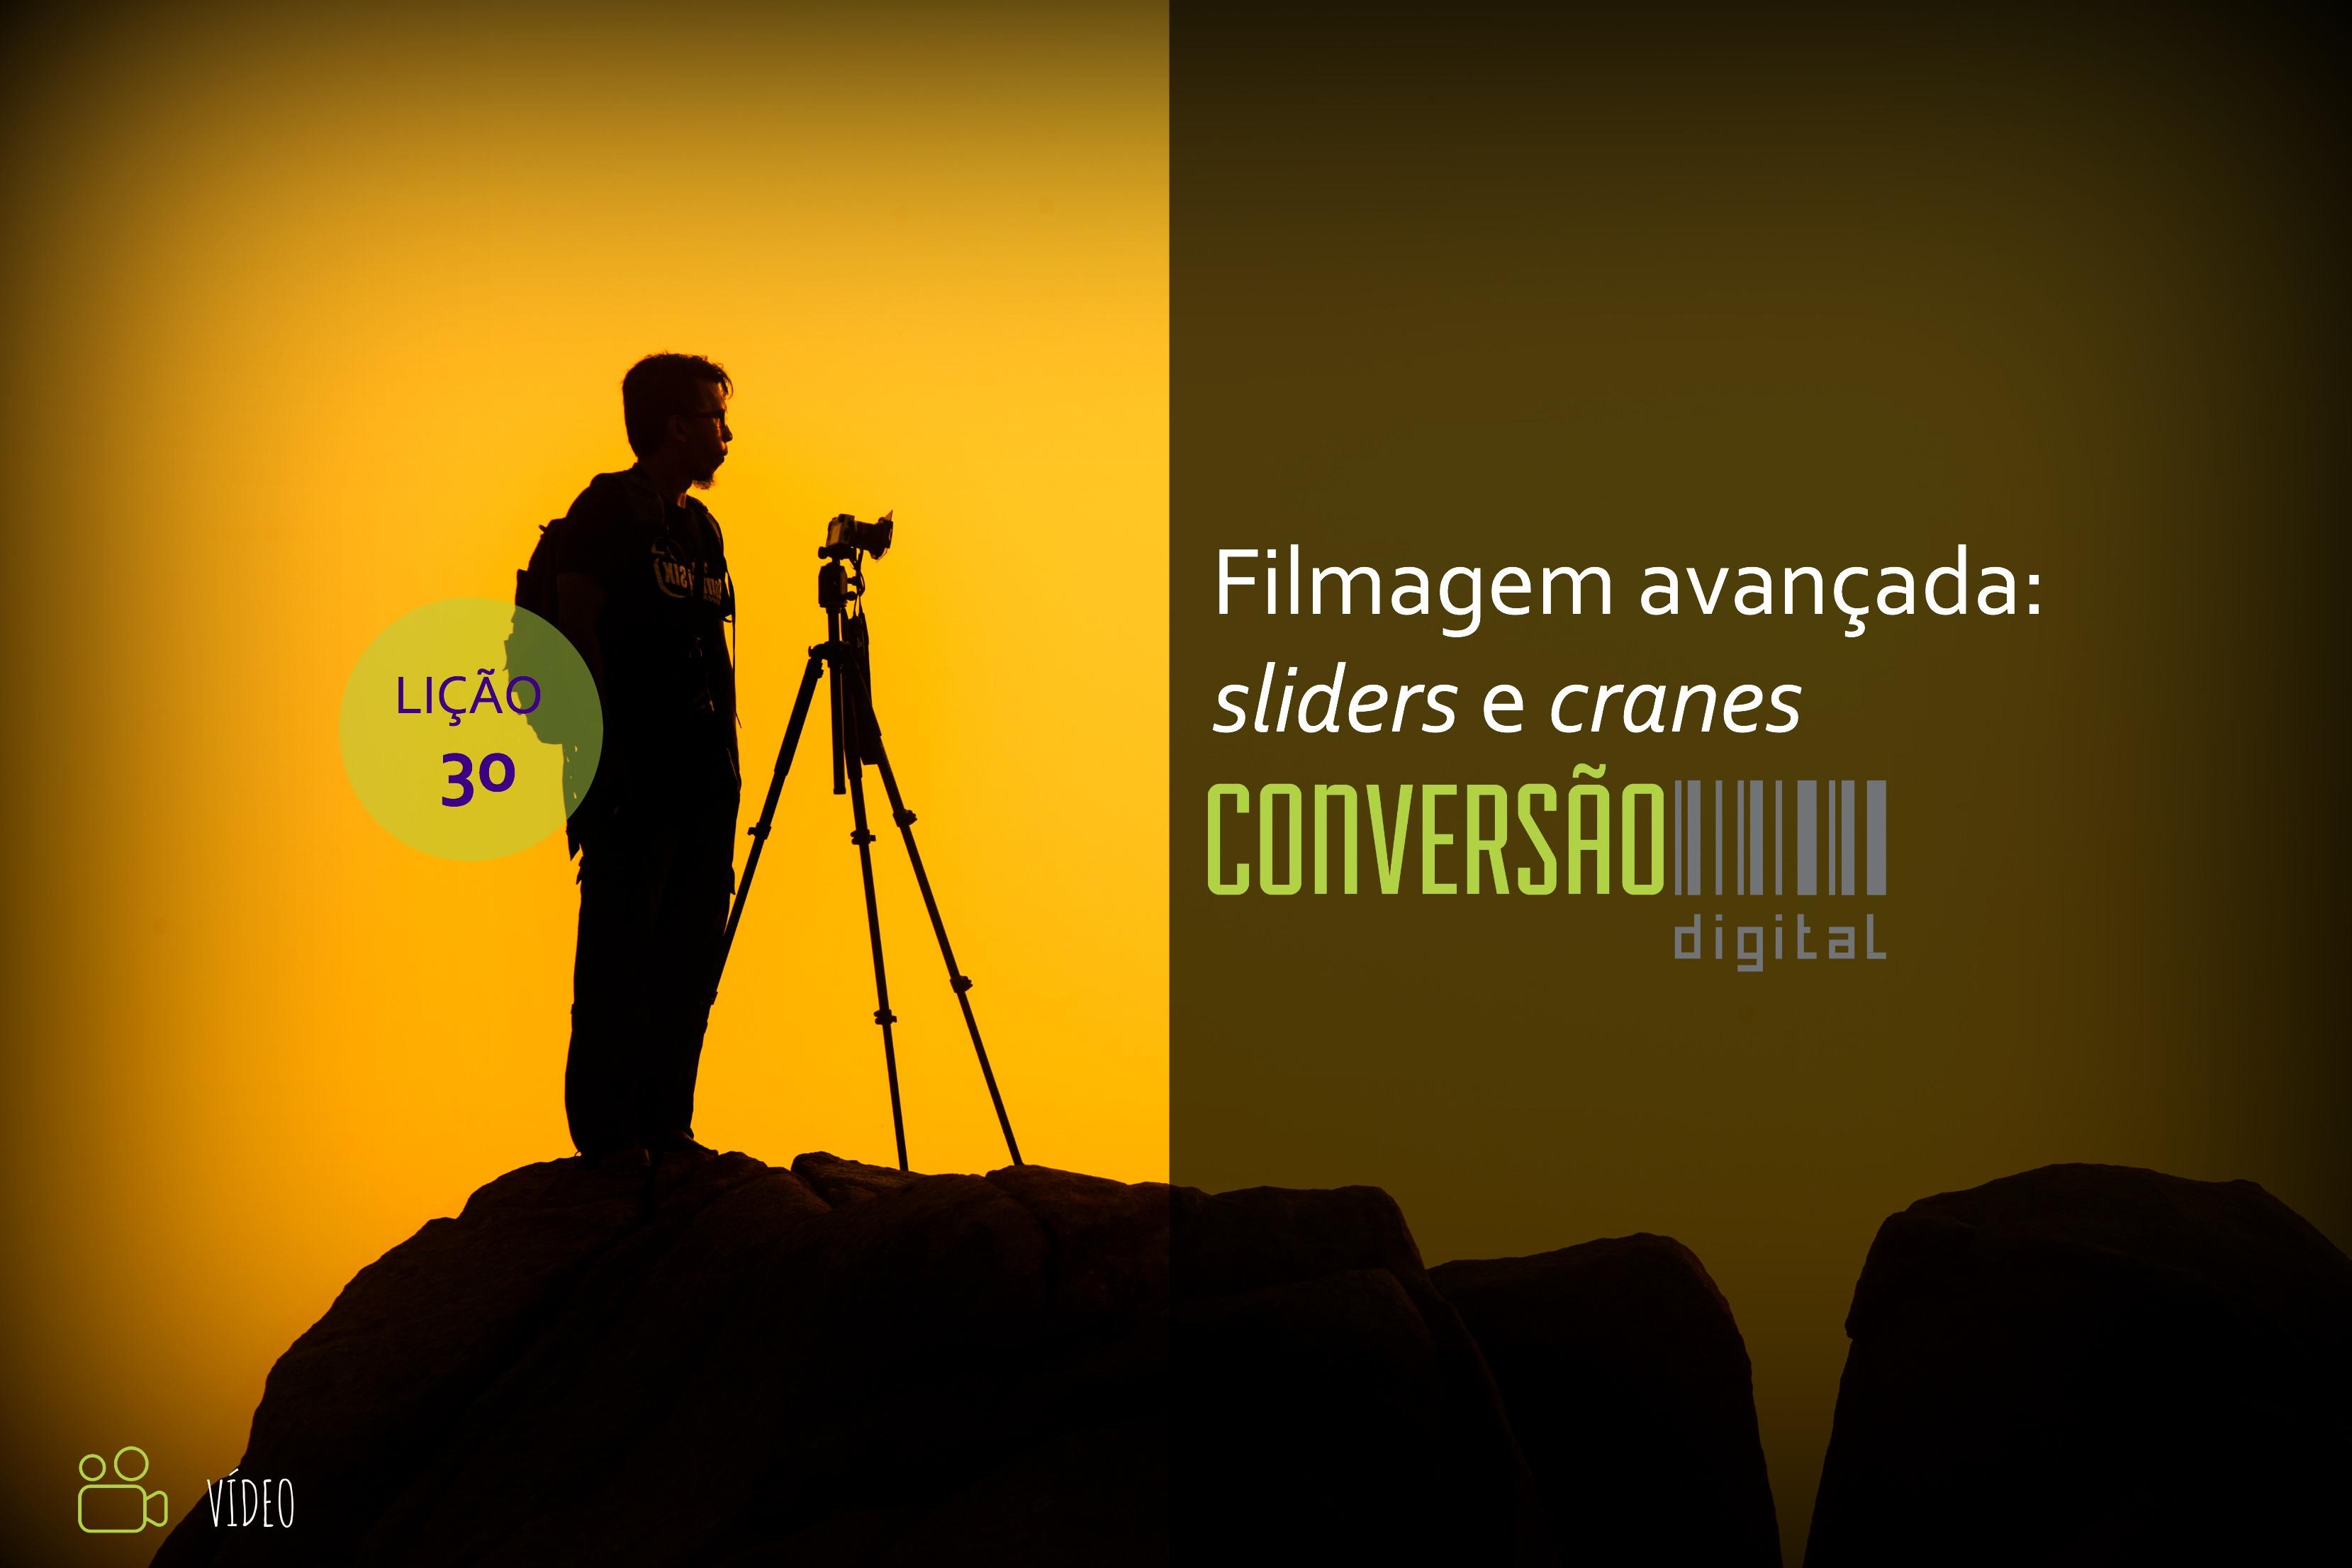 LIÇÃO 30 - FILMAGEM AVANÇADA: SLIDERS E CRANES